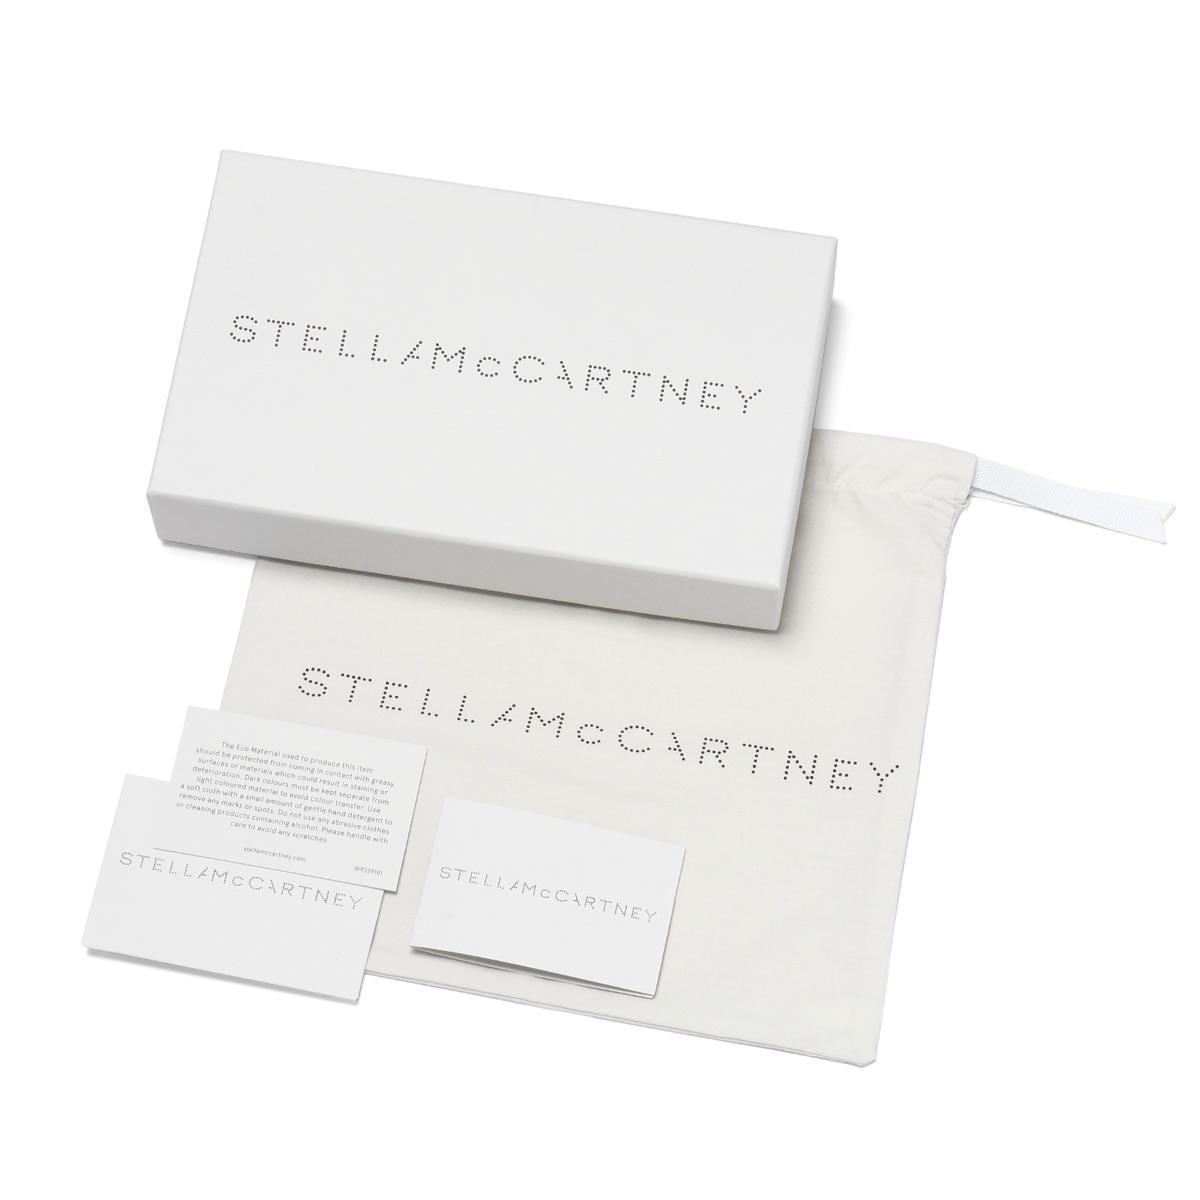 STELLA McCARTNEY ステラ マッカートニー | ショルダーバッグ マイクロ